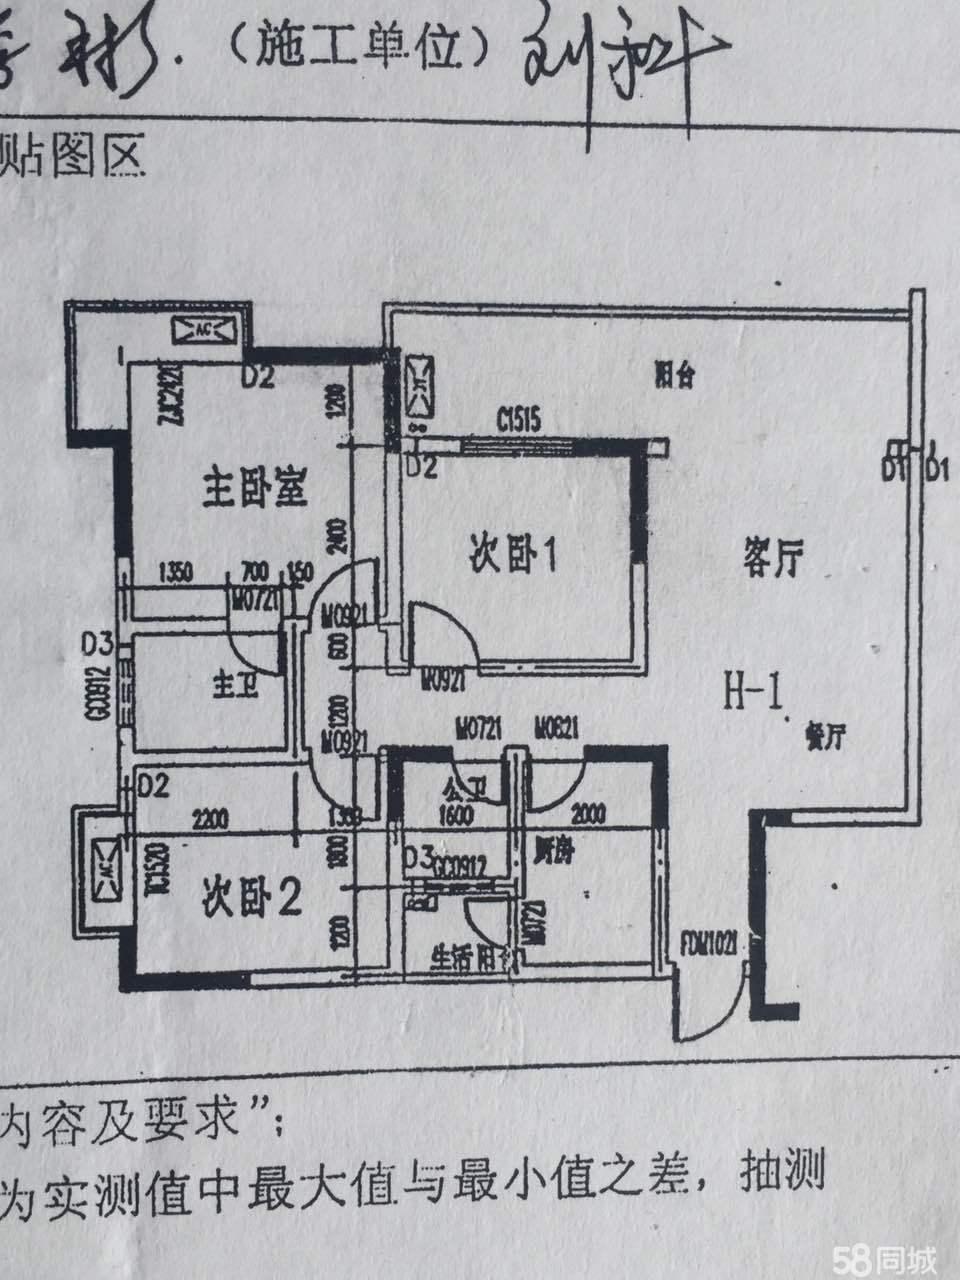 泸县二中,二外,爱迪幼儿园,实验小学旁康桥丽璟3室2厅